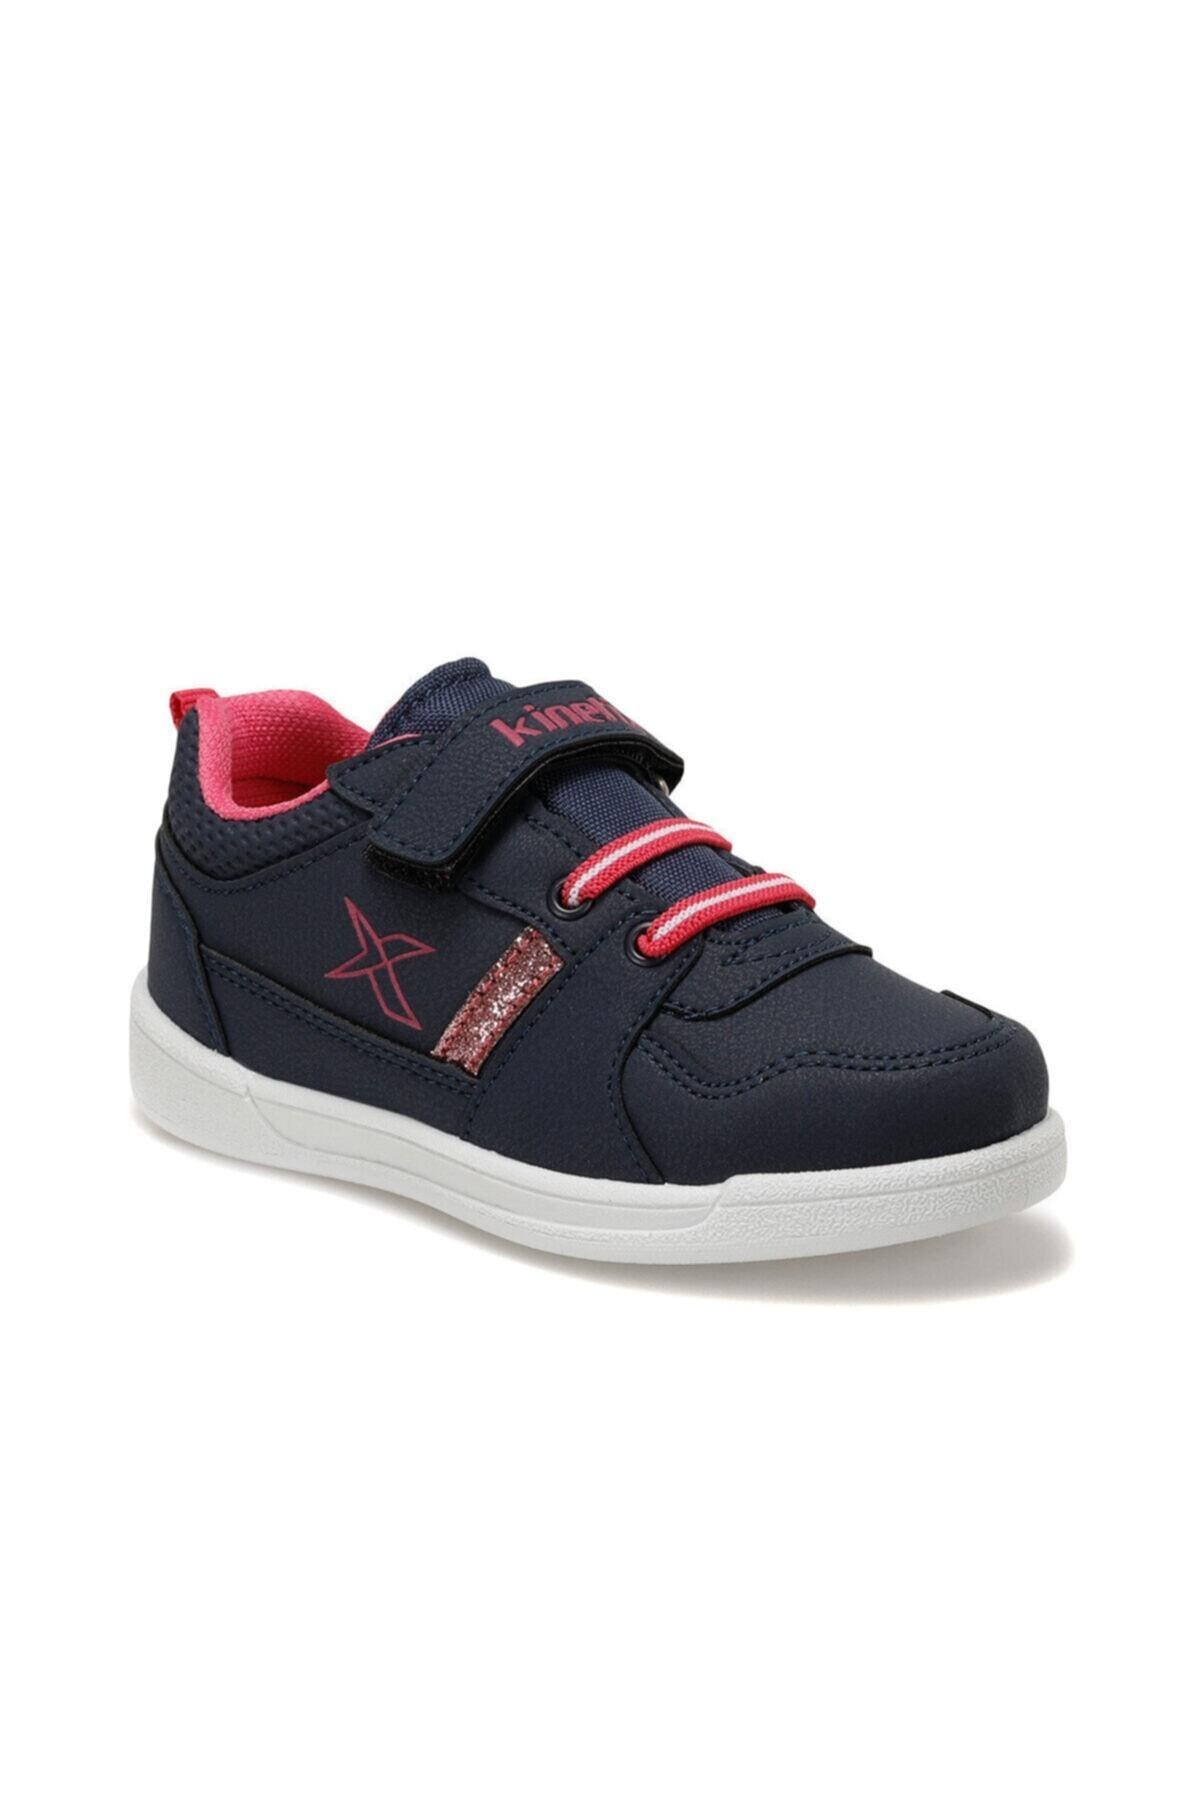 Kinetix ENKOS 9PR Lacivert Kız Çocuk Sneaker Ayakkabı 100425520 1